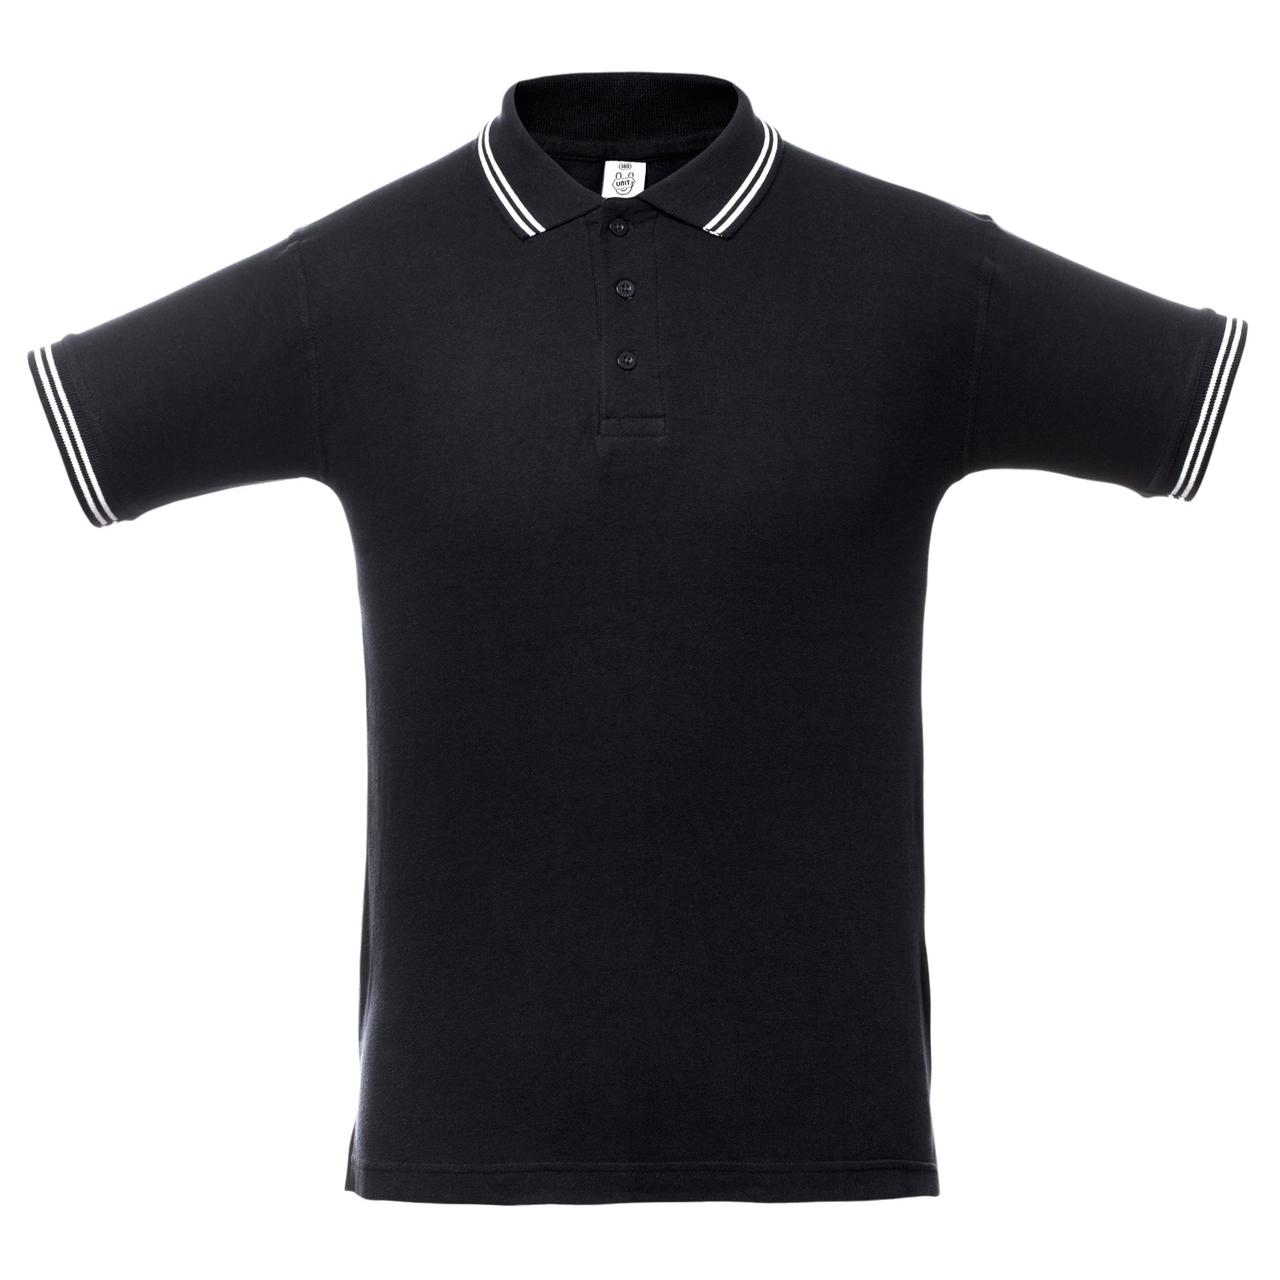 Рубашка поло Virma Stripes, черная (артикул 1253.30)